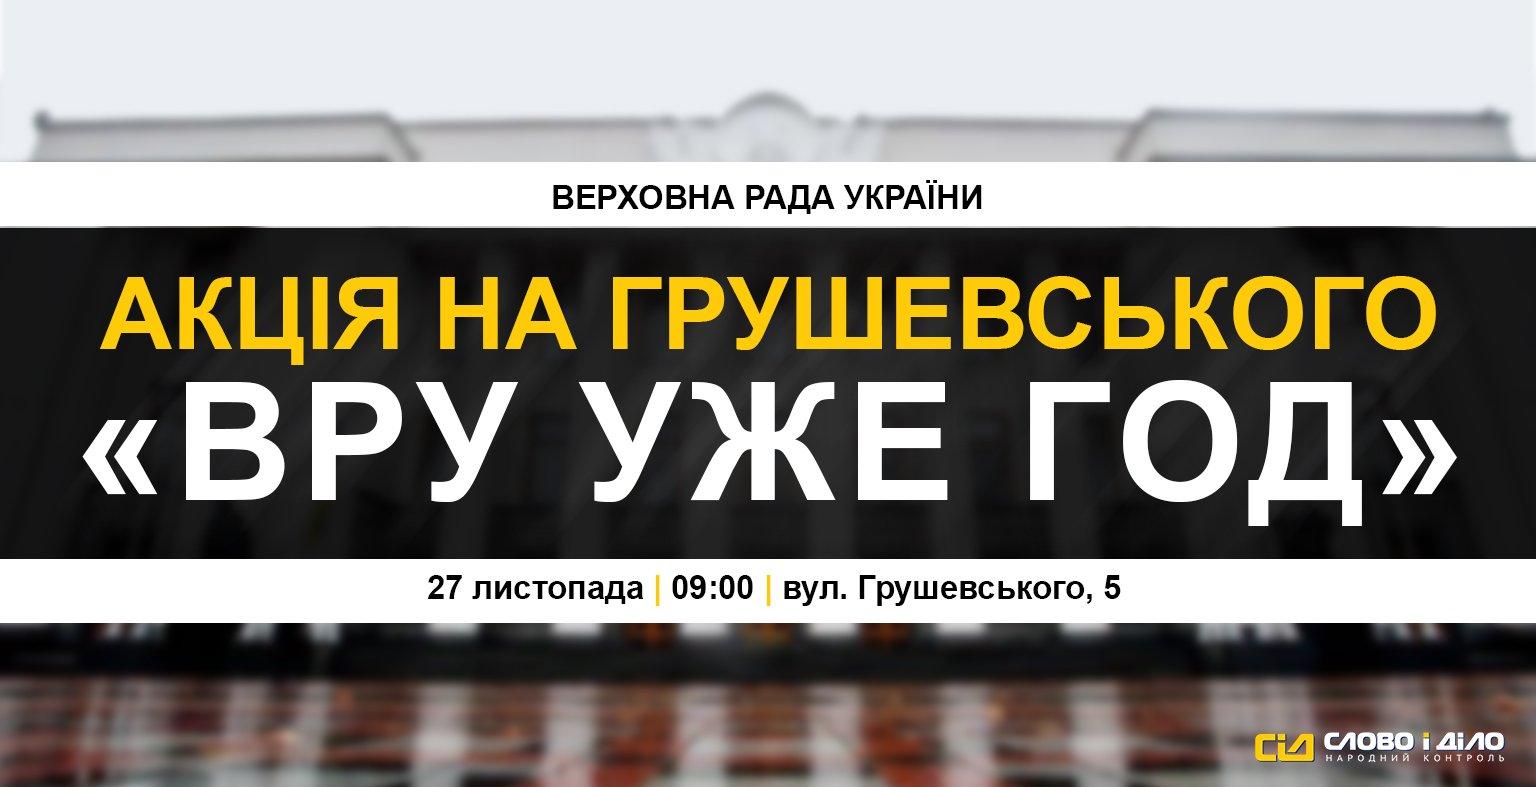 Компромисс по проекту Налогового кодекса пока маловероятен, - глава профильного комитета ВР Южанина - Цензор.НЕТ 4493